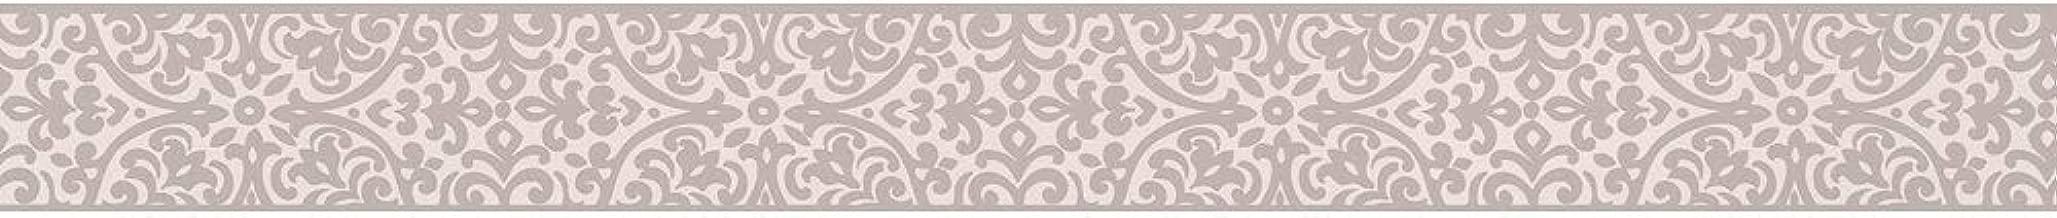 Gris Ideal Pour Une Cuisine Ou Une Salle De Bains Cueyu Bordure De Mur Autocollante 3d Autocollante Bordure De Papier Peint Amovible Frise Murale A Motif Floral Pour Decorer La Maison